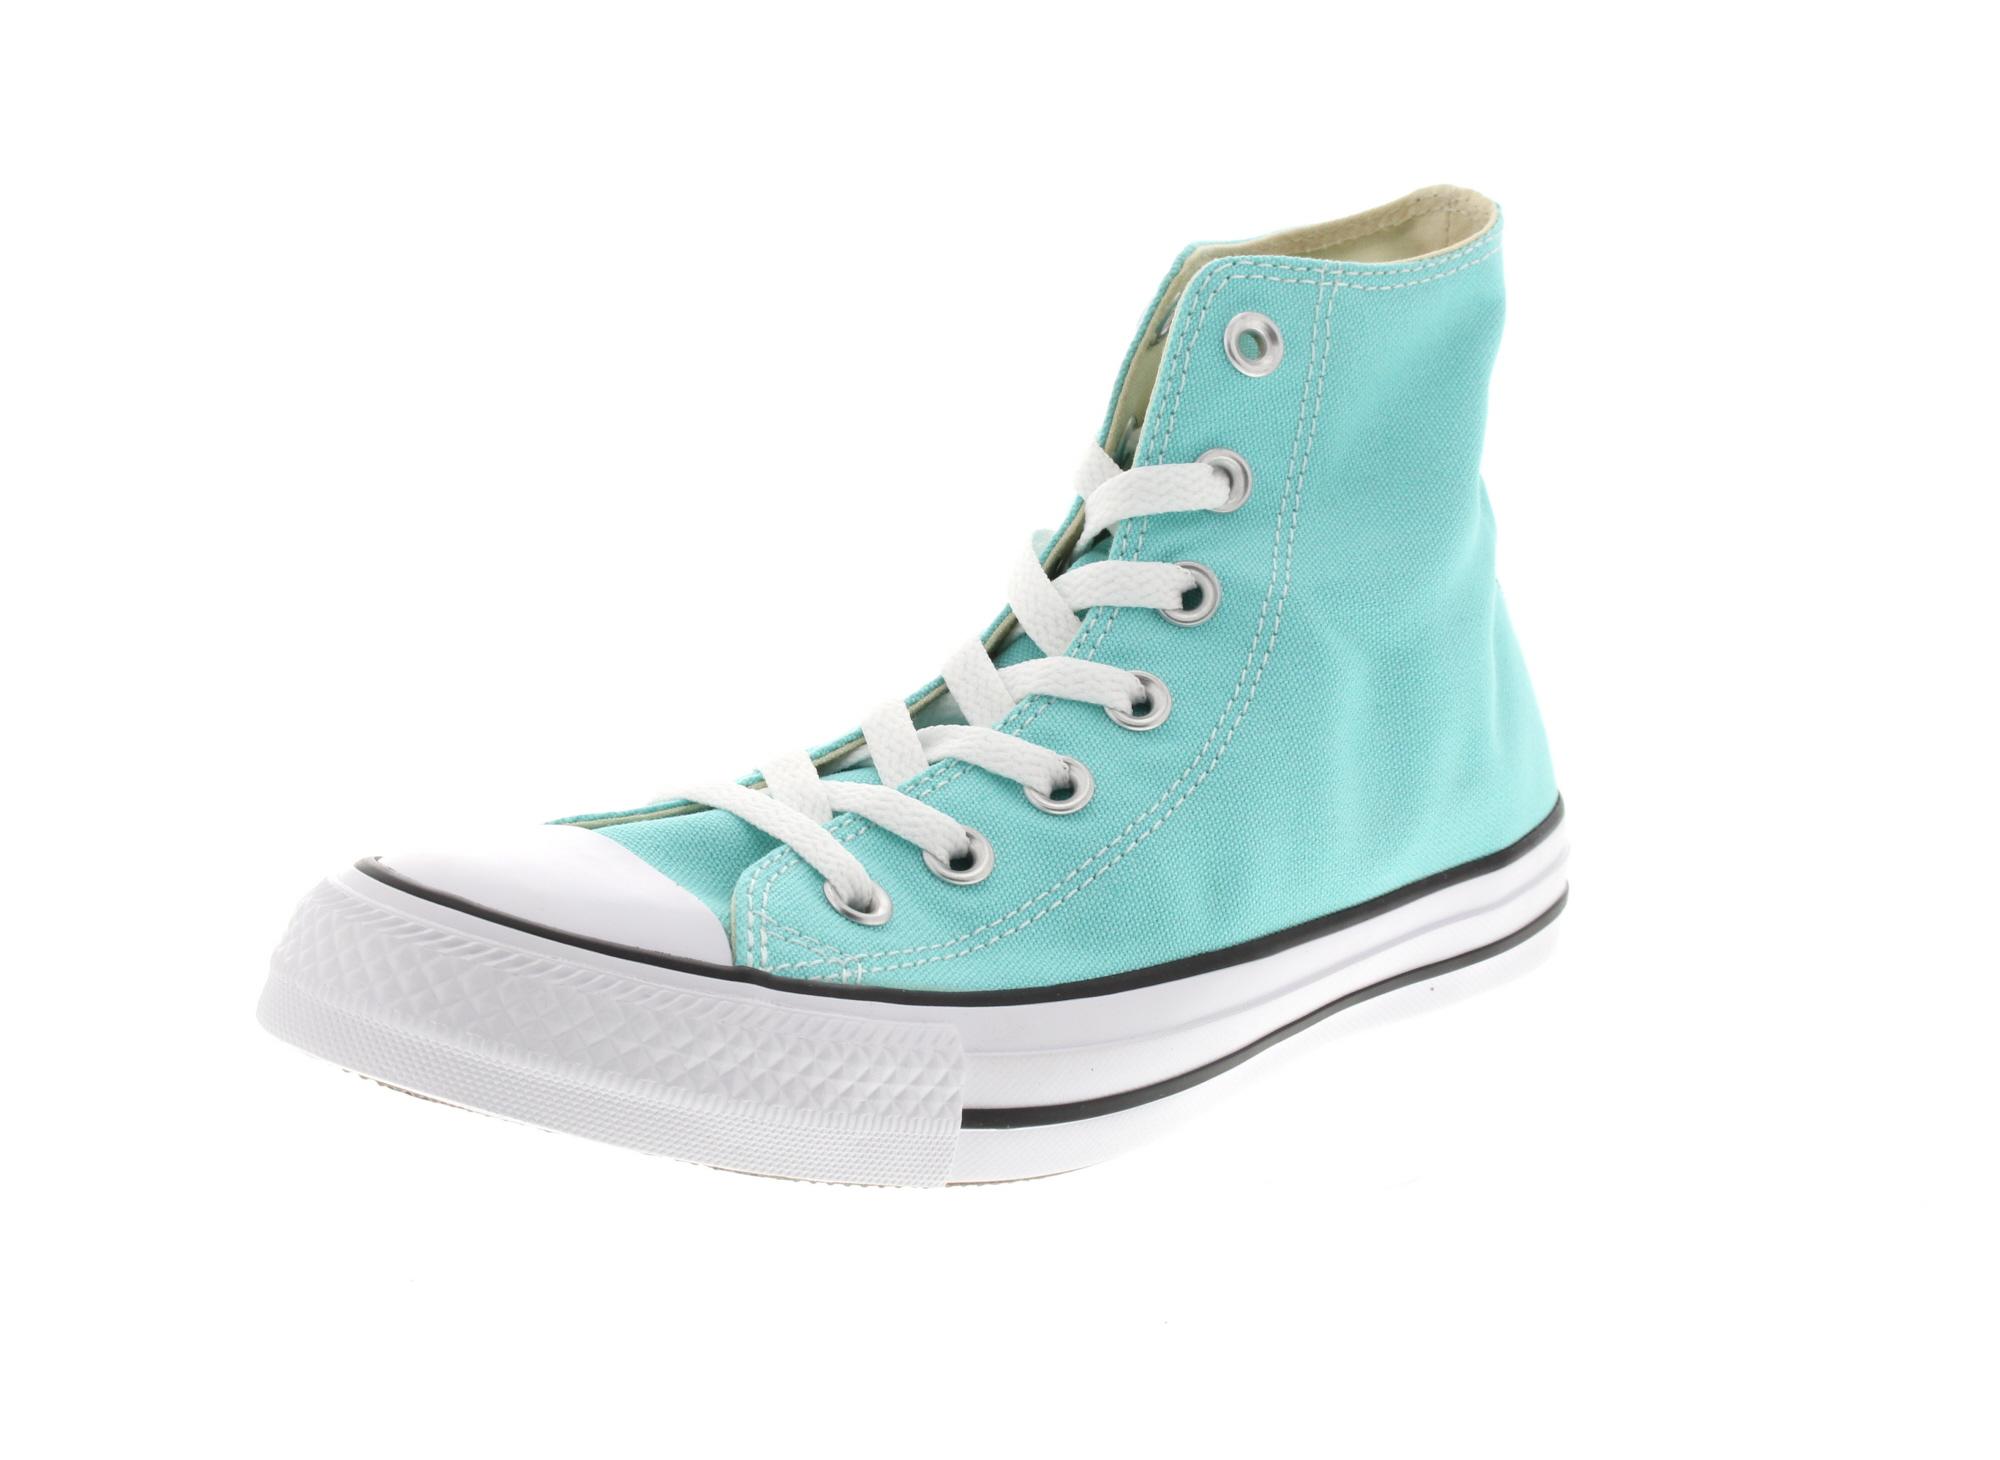 CONVERSE Schuhe - Sneaker CTAS HI 157609C - light aqua0